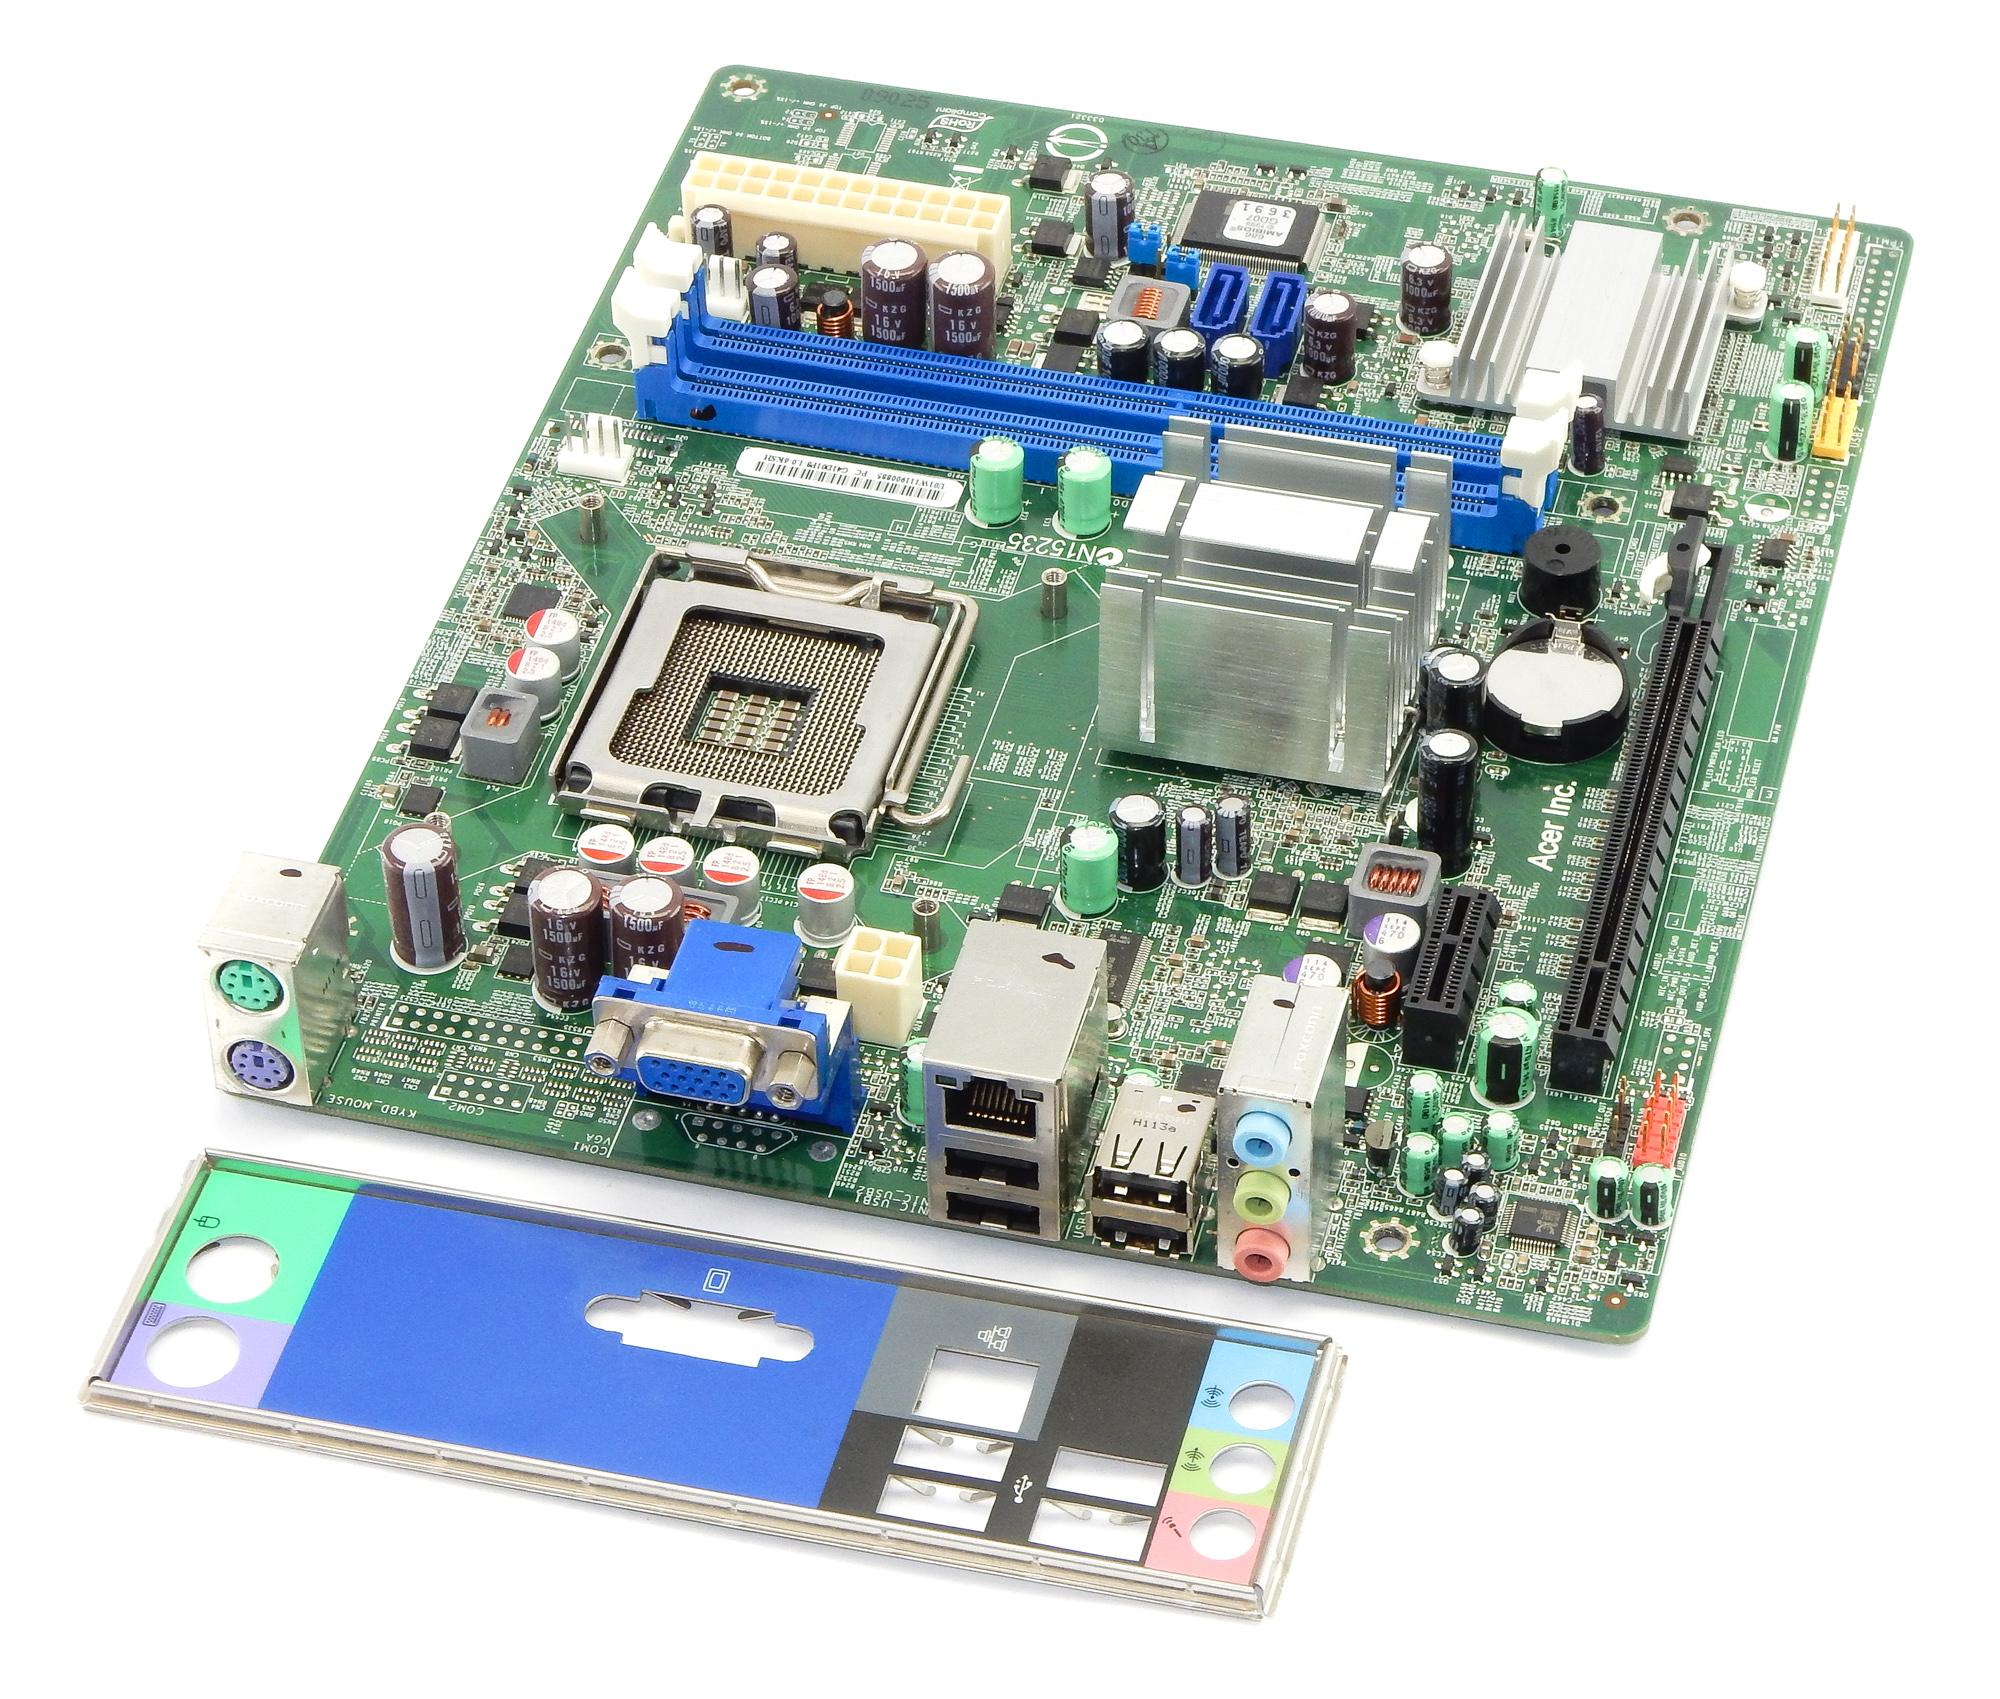 G41D01P8-1.0-6KSH Rev 1.0 Socket 775 System Motherboard MB.U5909.001